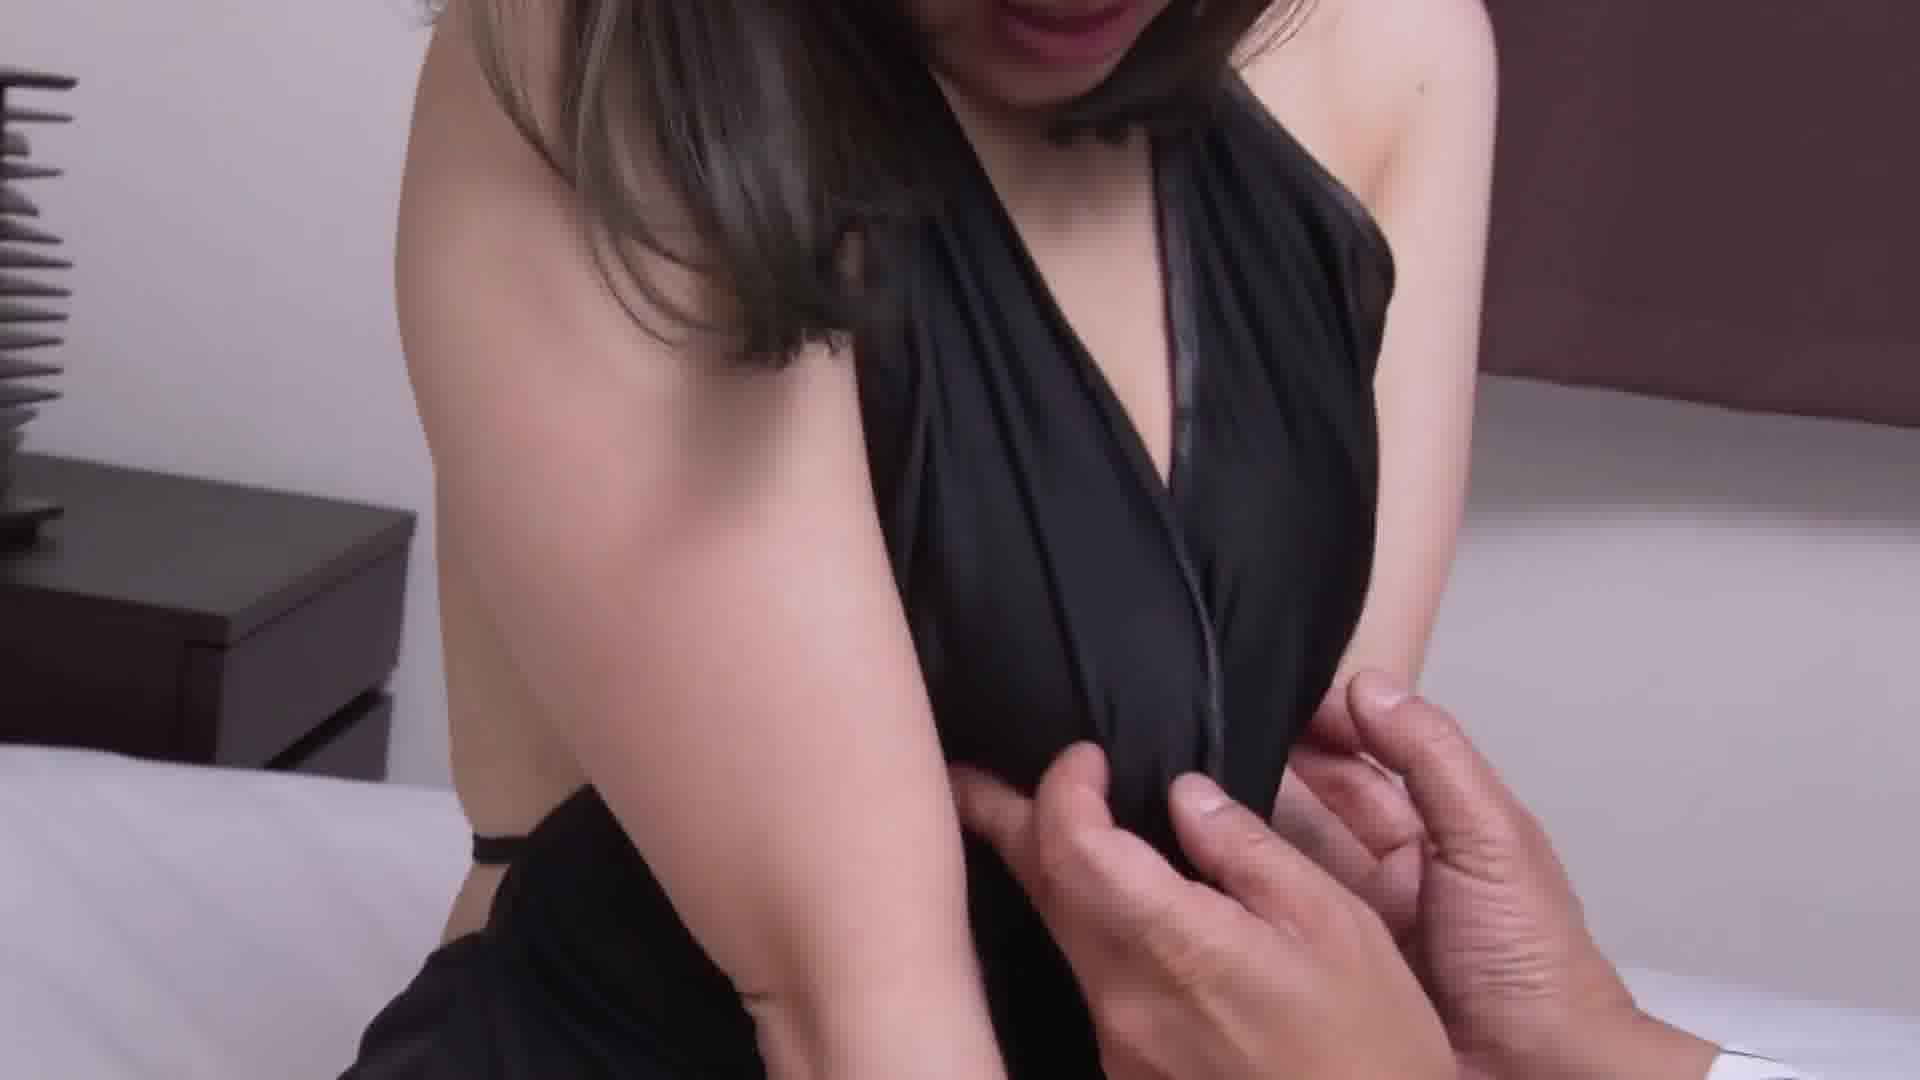 BOGA x BOGA ~双葉みおが僕のプレイを褒め称えてくれる~ - 双葉みお【美乳・パイズリ・マンぐり返し】